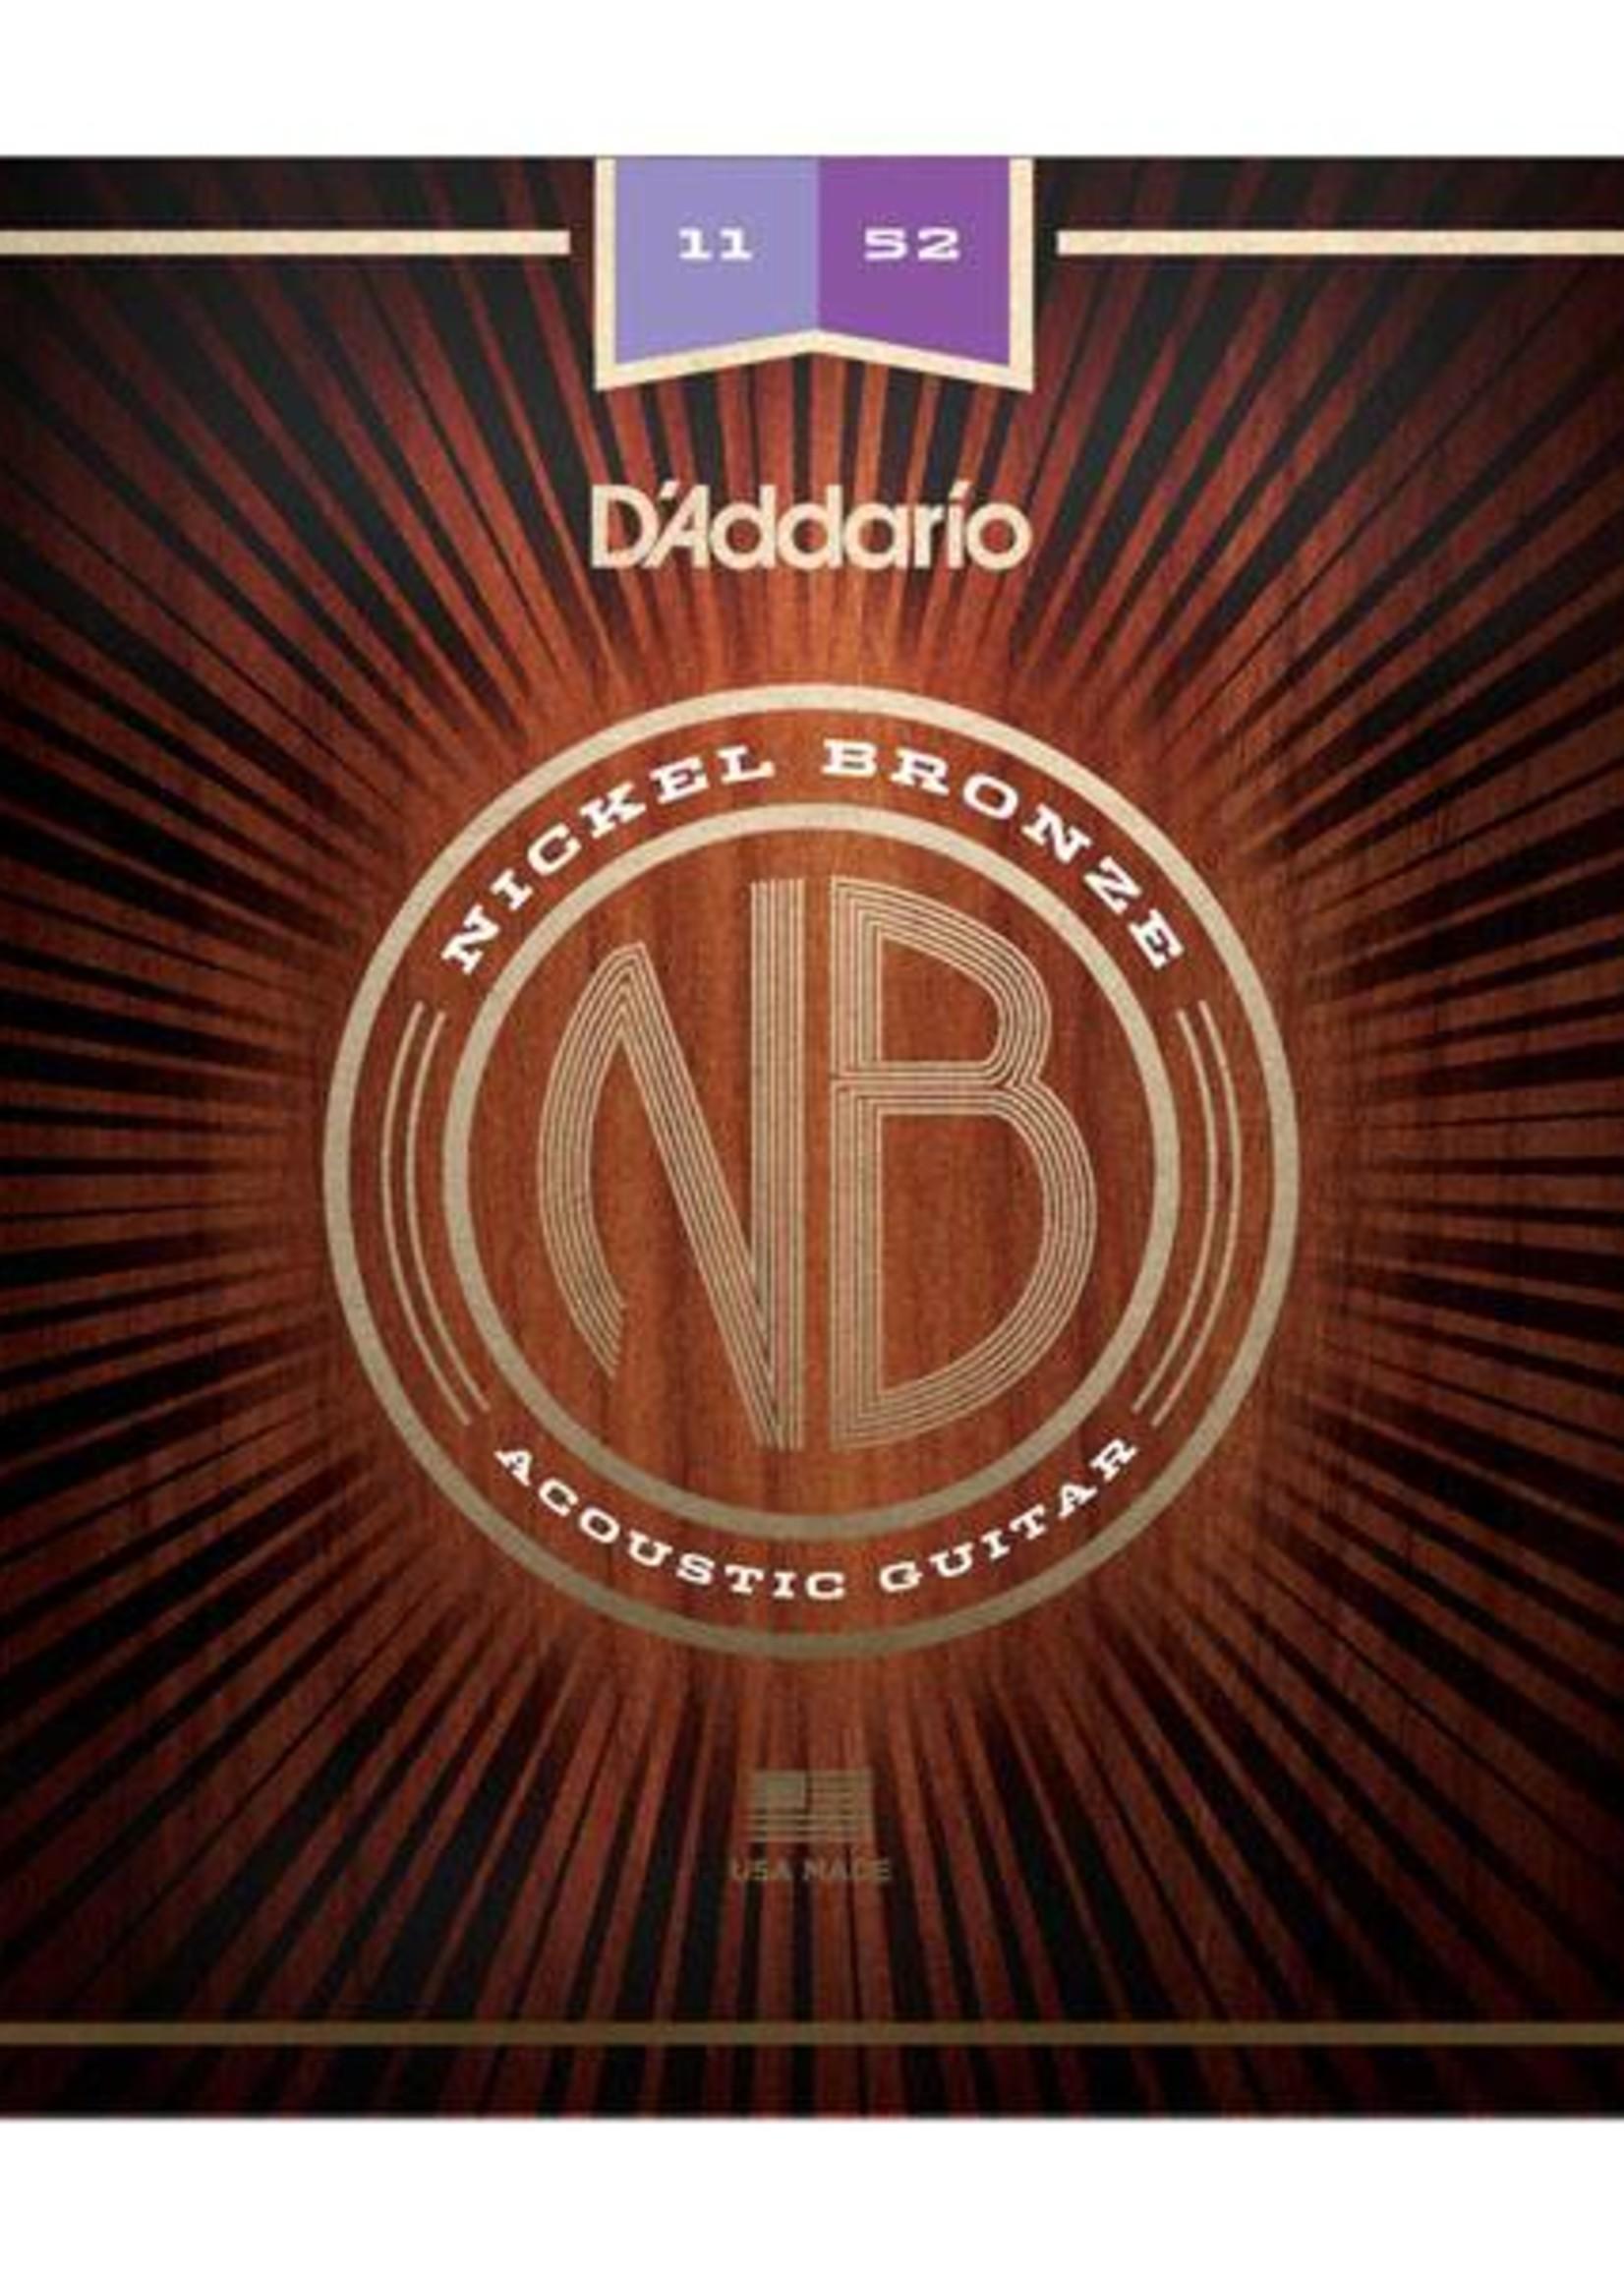 D'ADDARIO NB1152 ACOUSTIQUE D'ADDARIO